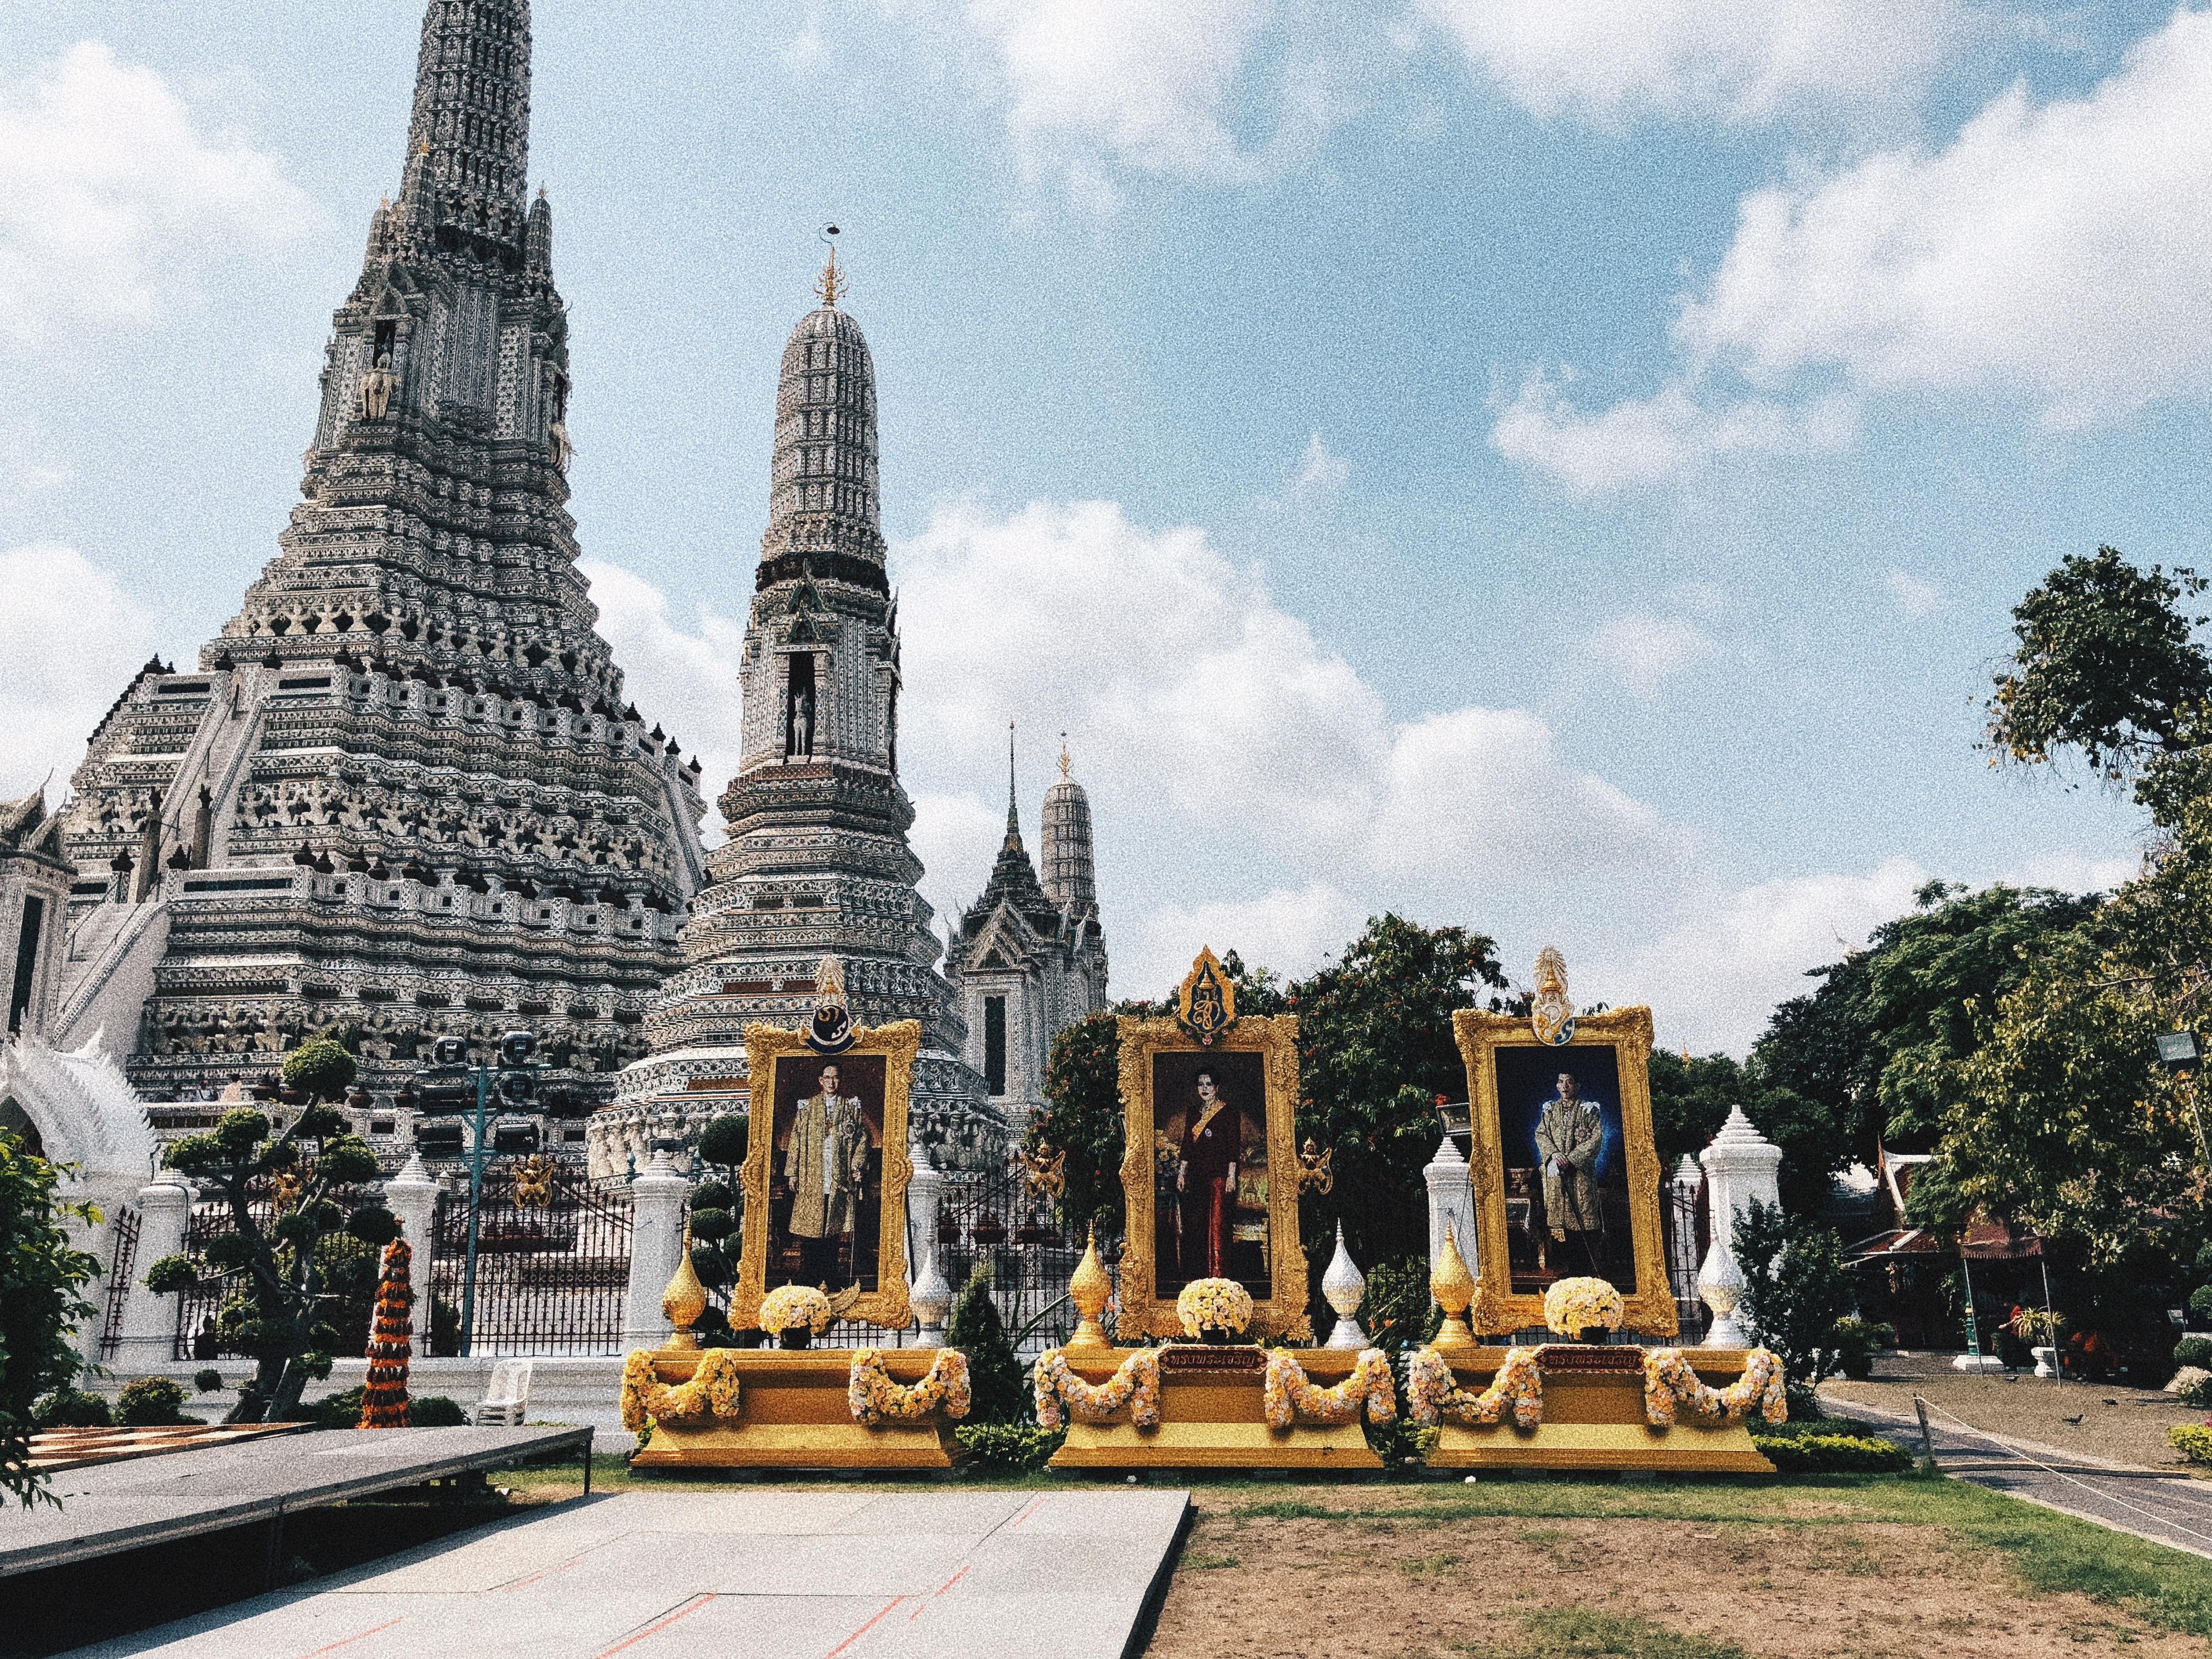 um dos muitos templos de Bangkok e as fotos da família real